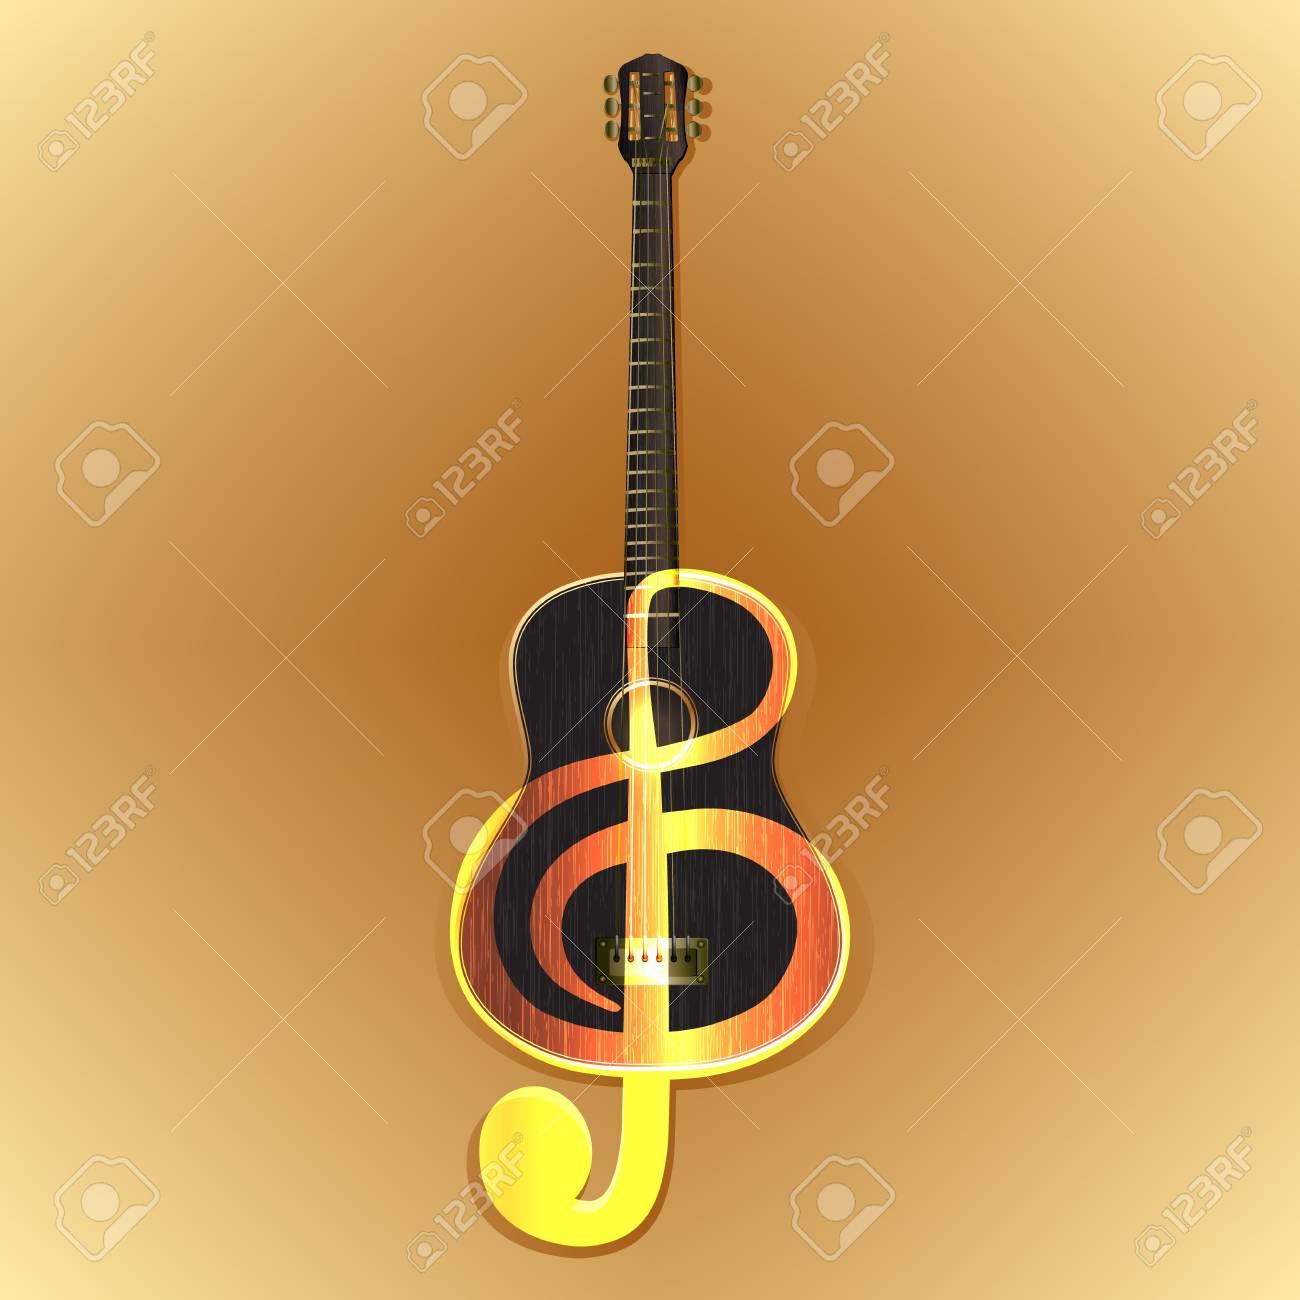 Ilustración Vectorial De Una Guitarra Acústica Con La Imagen De Una Clave De Sol En El Color De Fondo De Madera